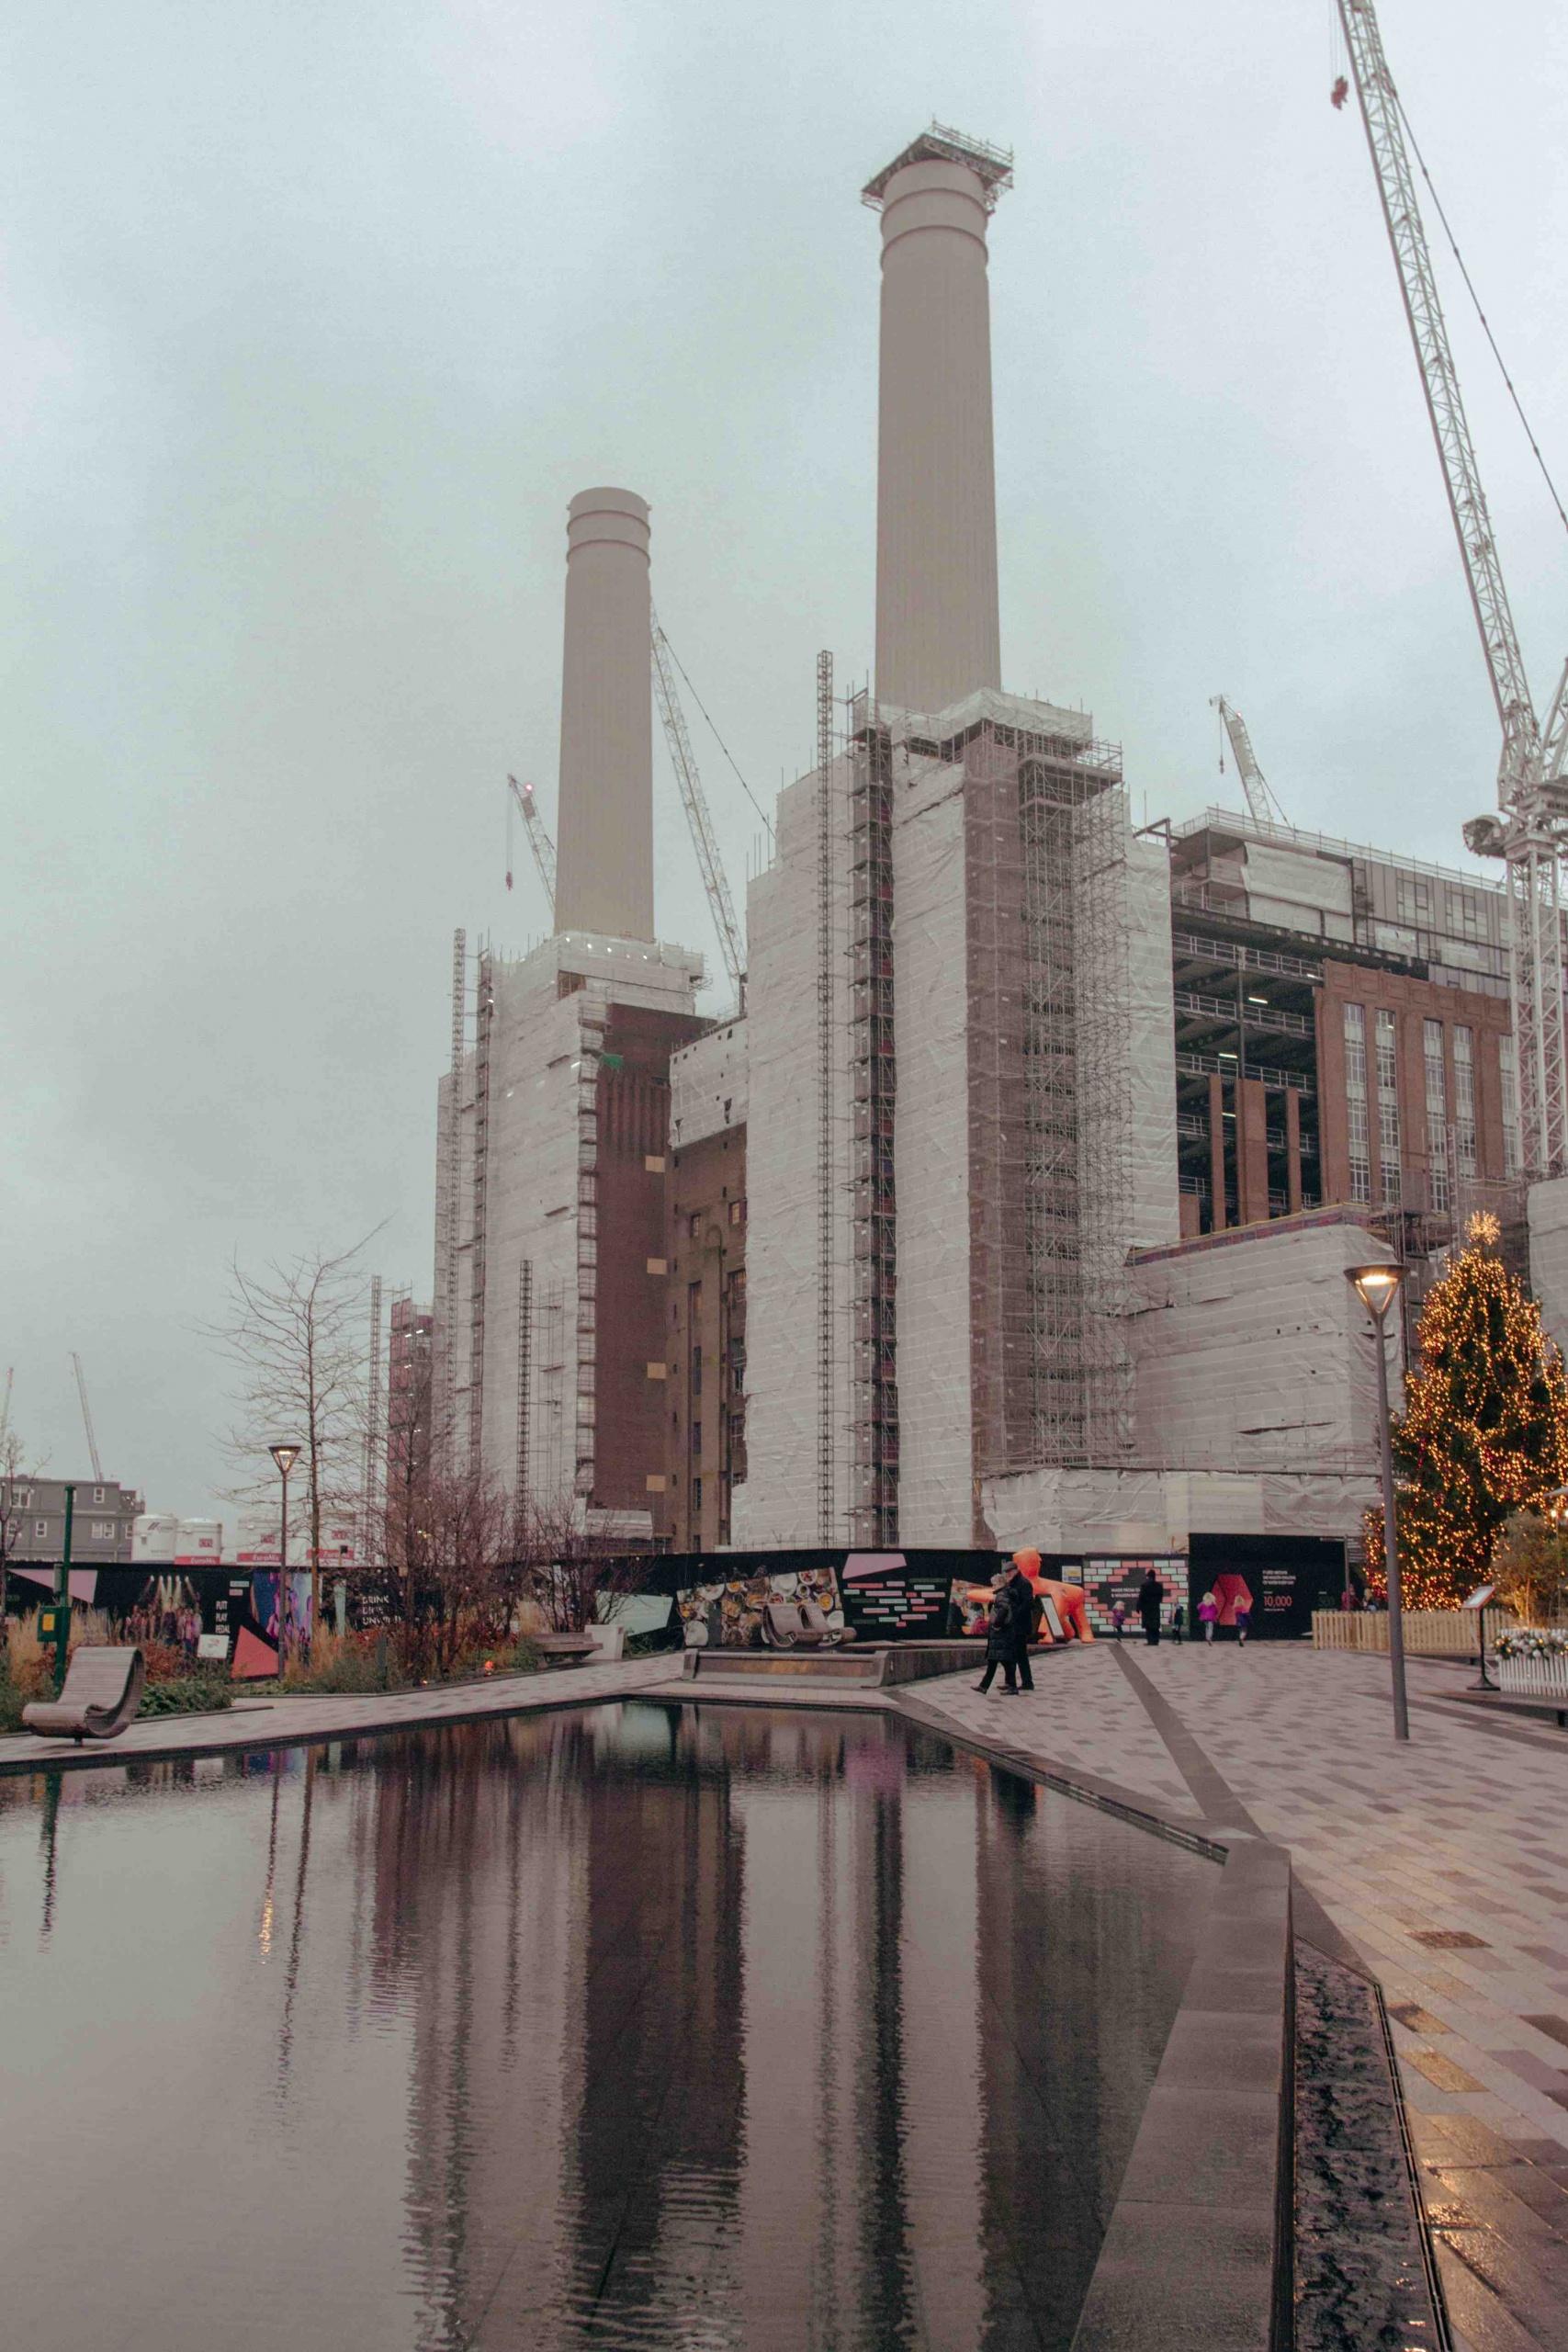 luoghi poco conosciuti di Londra: centrale elettrica in ristrutturazione